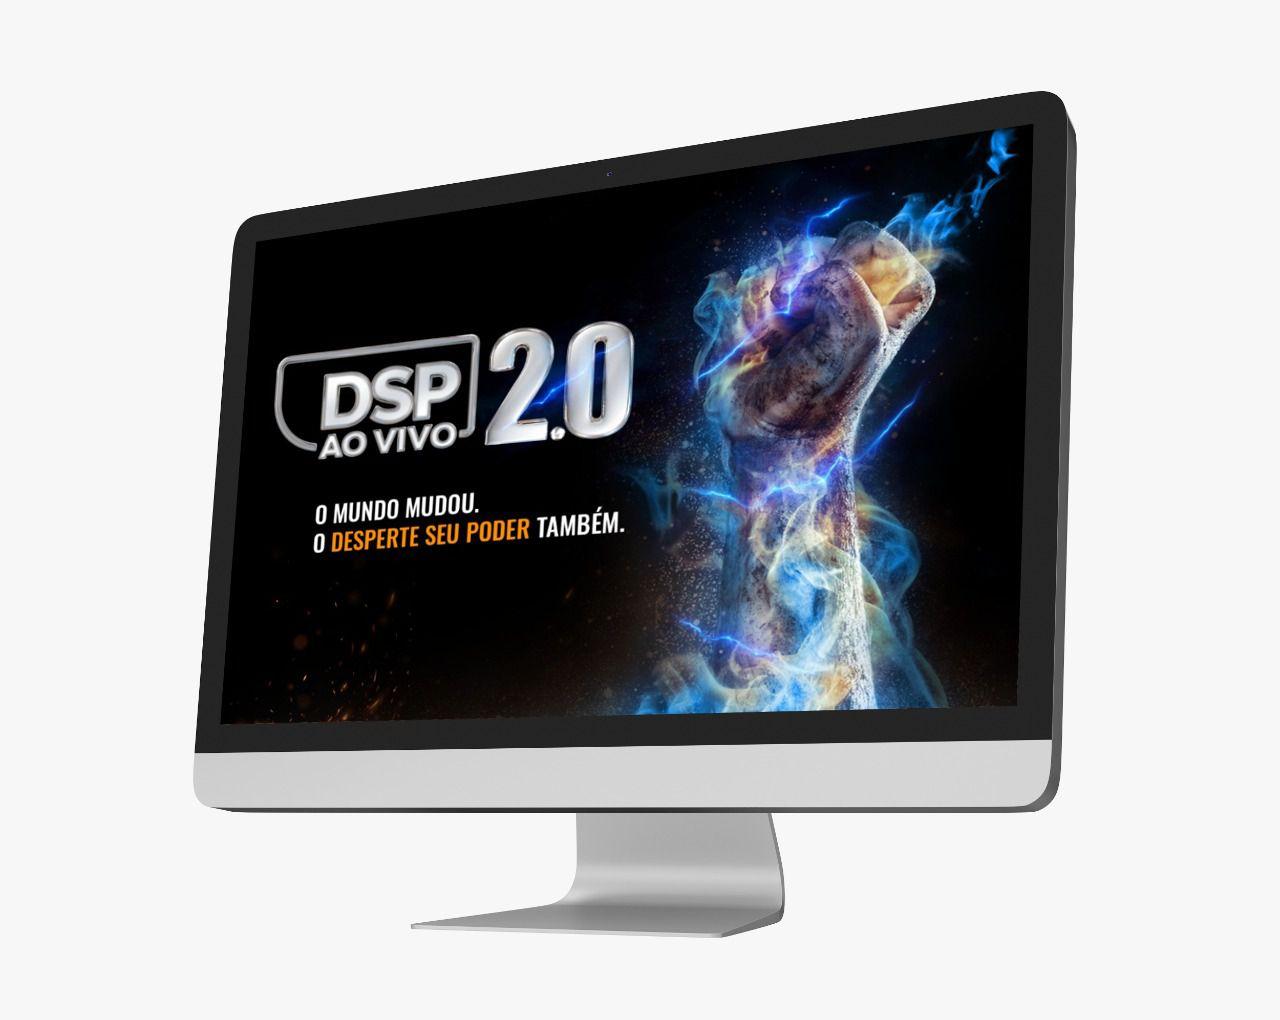 DSP 2.0 - Desperte Seu Poder Ao Vivo e Online 2.0 - De 10 a 14 de Junho de 2020 - Em até 12x